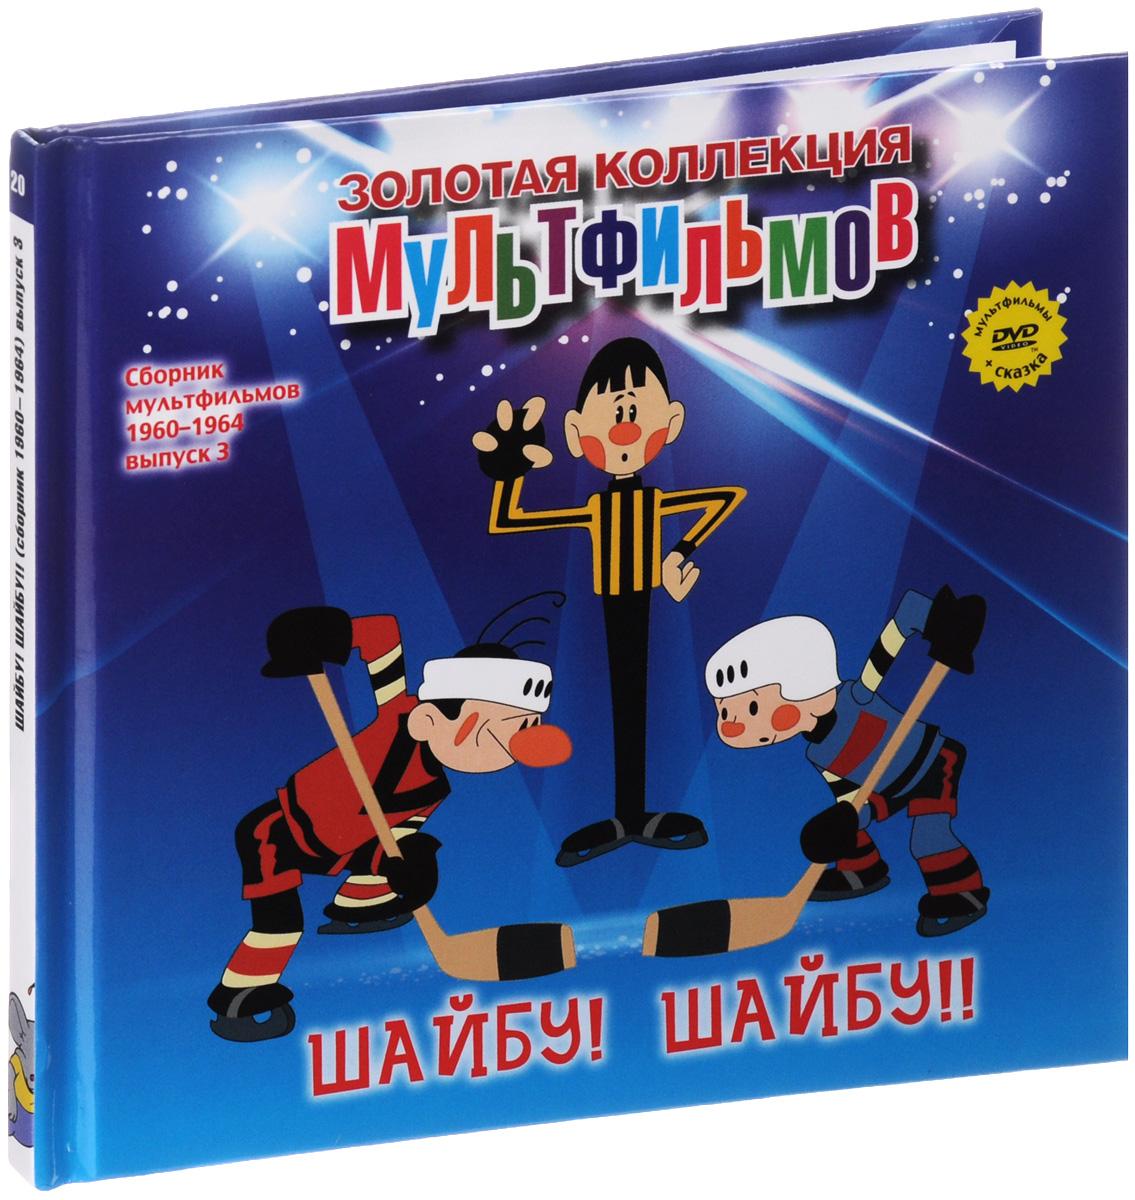 Сборник мультфильмов 1960-1964: Выпуск 3: Шайбу! Шайбу!